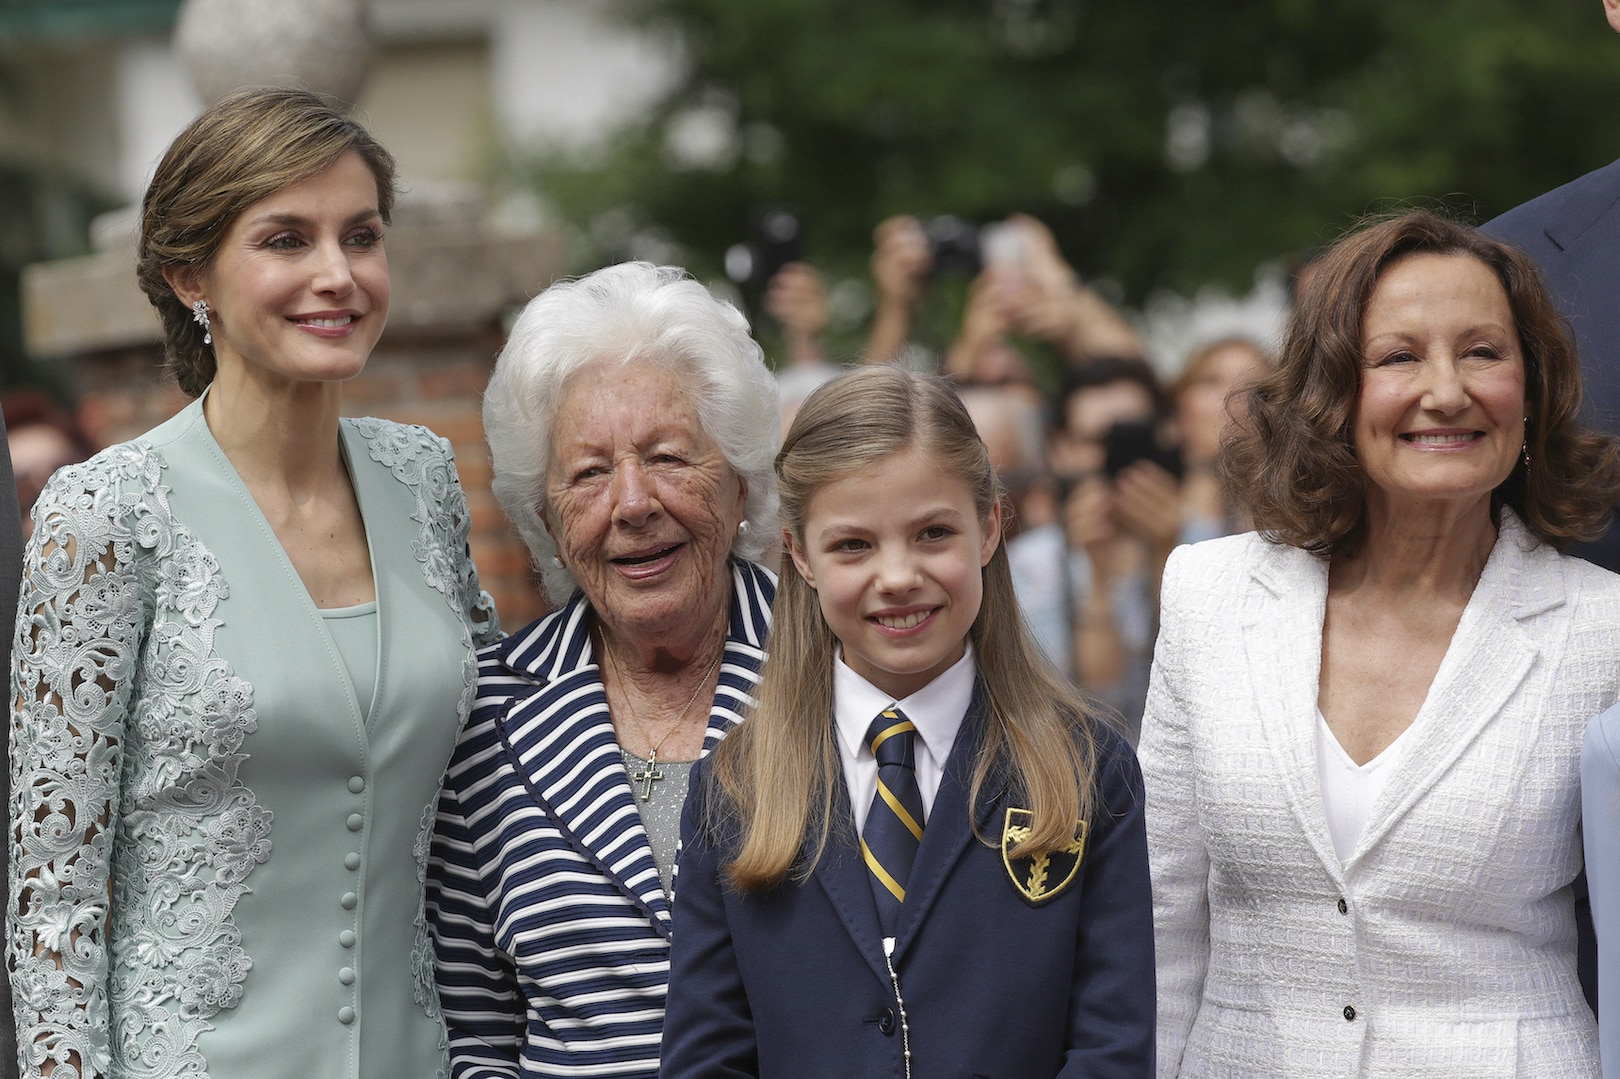 Königin Letizia: Ihre geliebte Großmutter ist tot